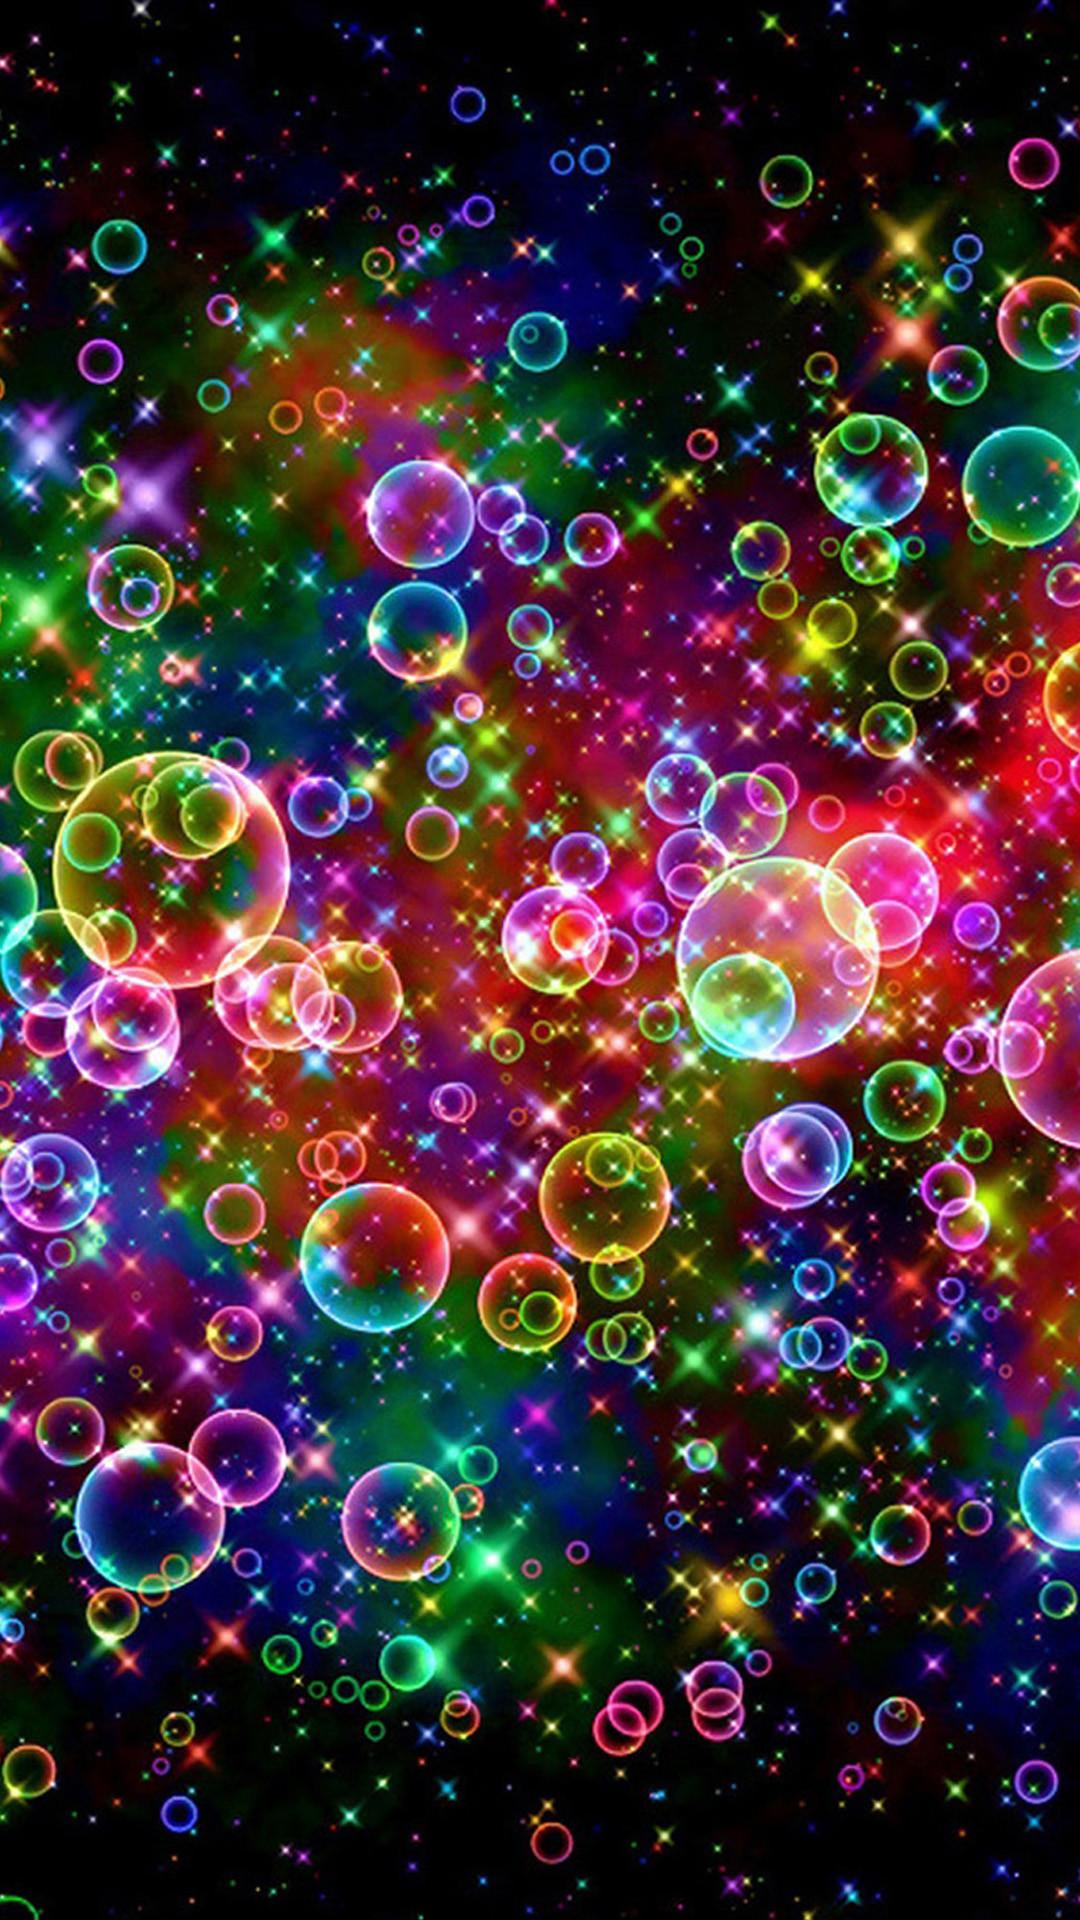 Sfondi colorati 51 immagini for Sfondi per desktop colorati